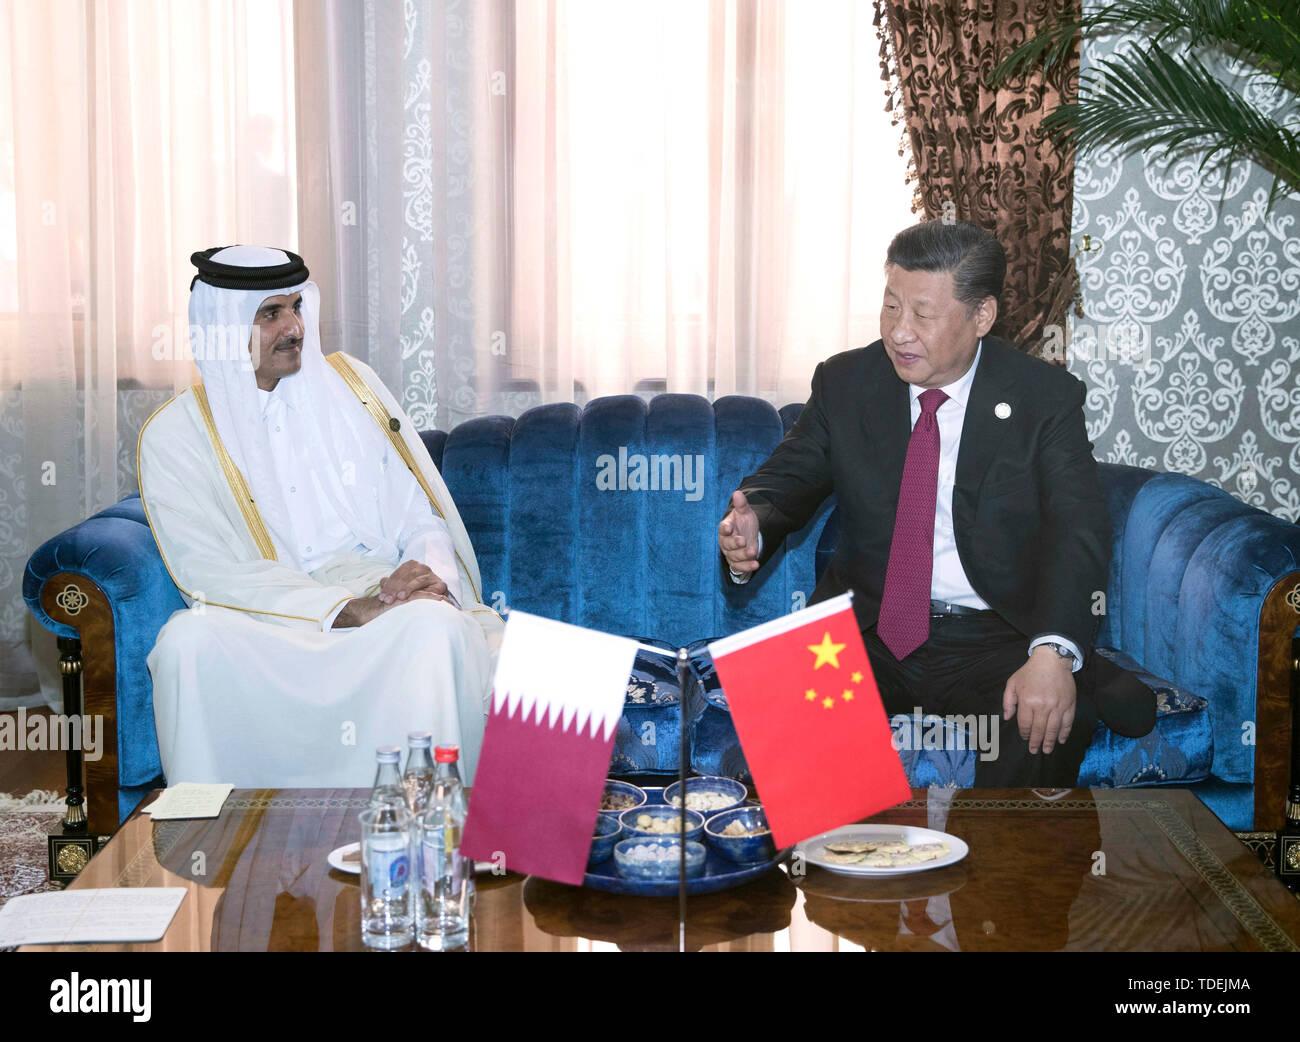 (190615) -- DUSHANBE, June 15, 2019 (Xinhua) -- Chinese President Xi Jinping (R) meets with Qatari Emir Sheikh Tamim Bin Hamad Al-Thani in Dushanbe, Tajikistan, June 15, 2019. (Xinhua/Wang Ye) - Stock Image